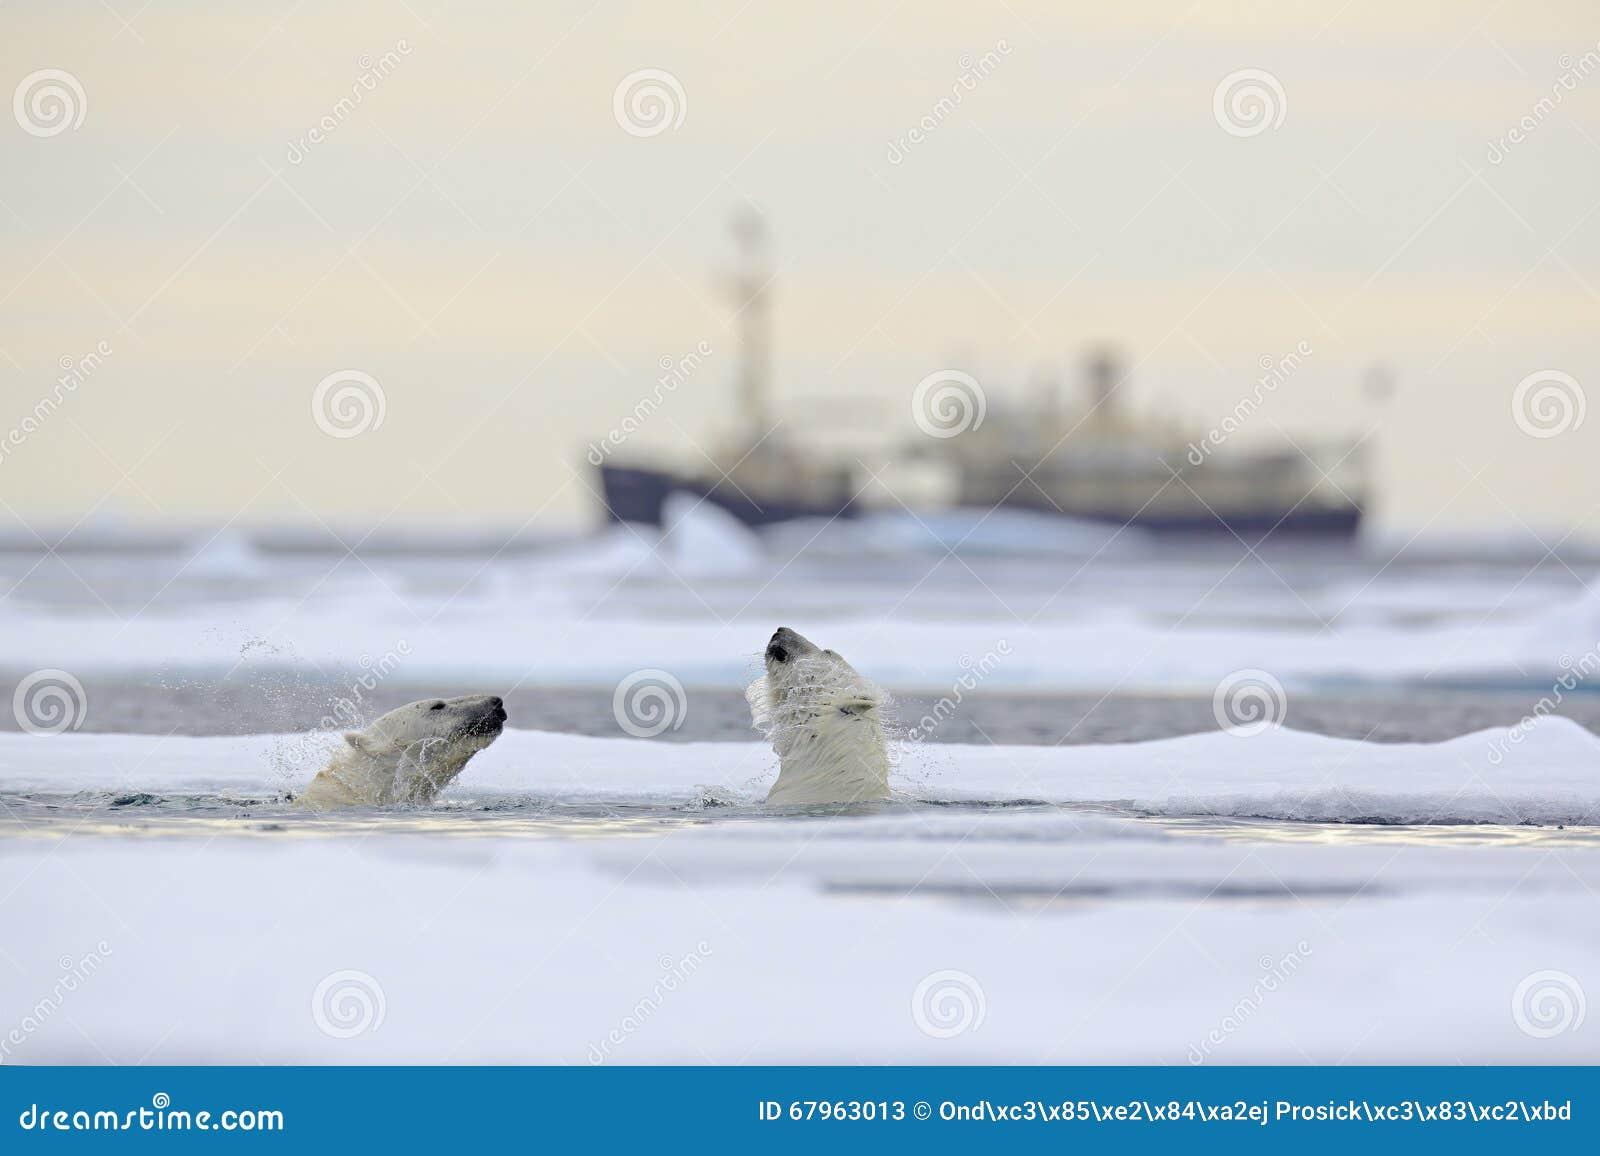 Luta de ursos polares na água entre o gelo de tração com neve, microplaqueta borrada do cruzeiro no fundo, Svalbard, Noruega